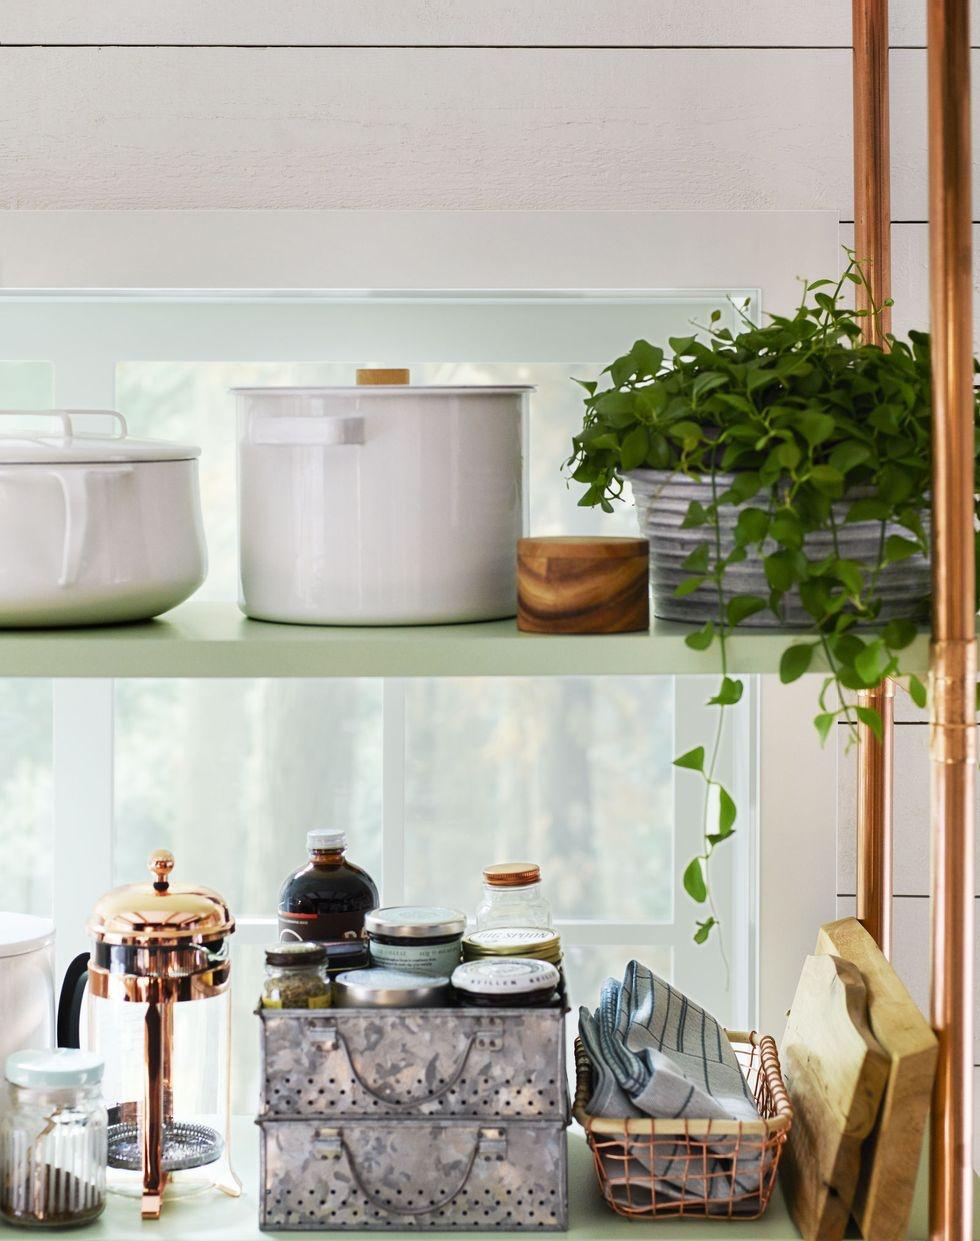 Chỉ với một góc nhỏ xíu, bạn có thể biến thành nhà bếp dễ thương với 4 chiến lược thông minh này - Ảnh 3.